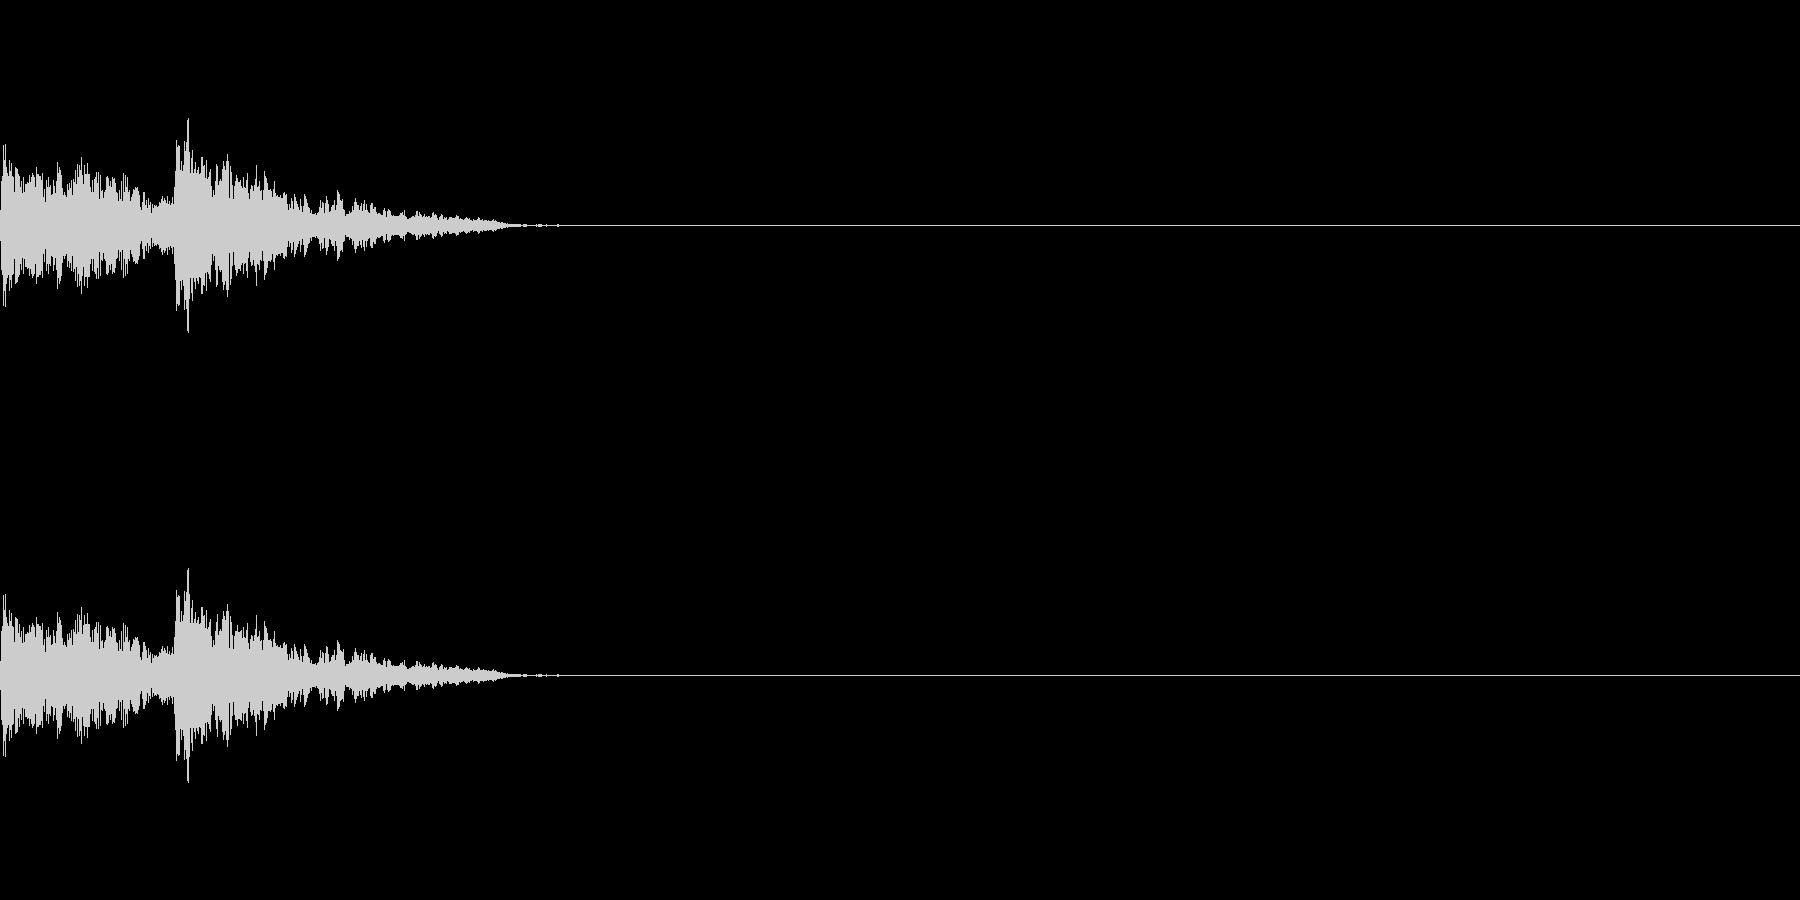 金属質なクリック音の未再生の波形